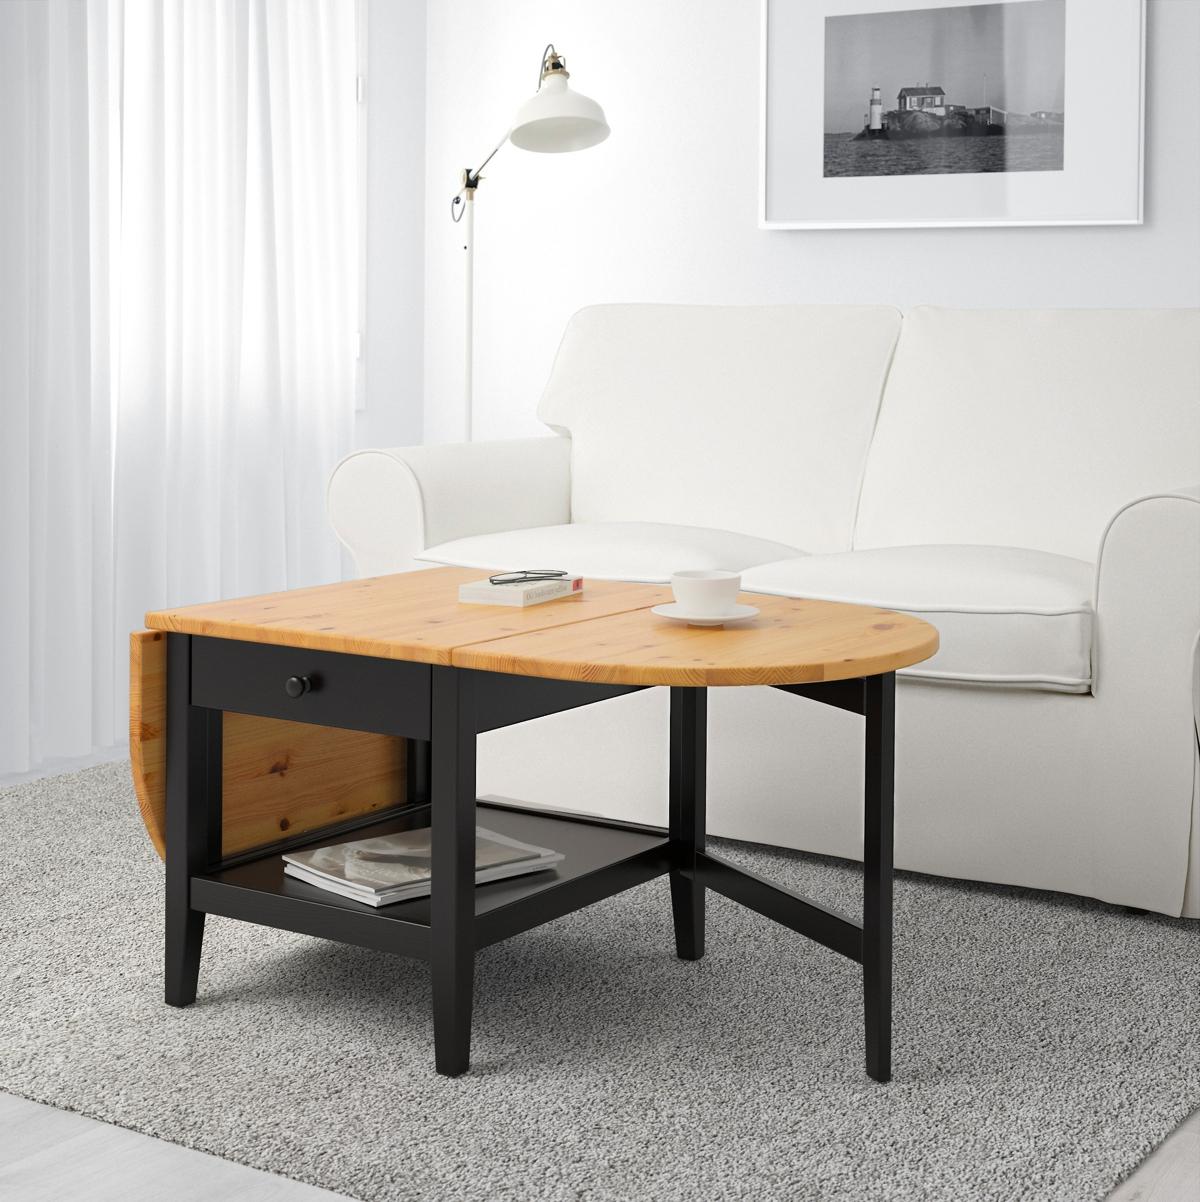 mesas abatibles Ikea - Arkelstorp